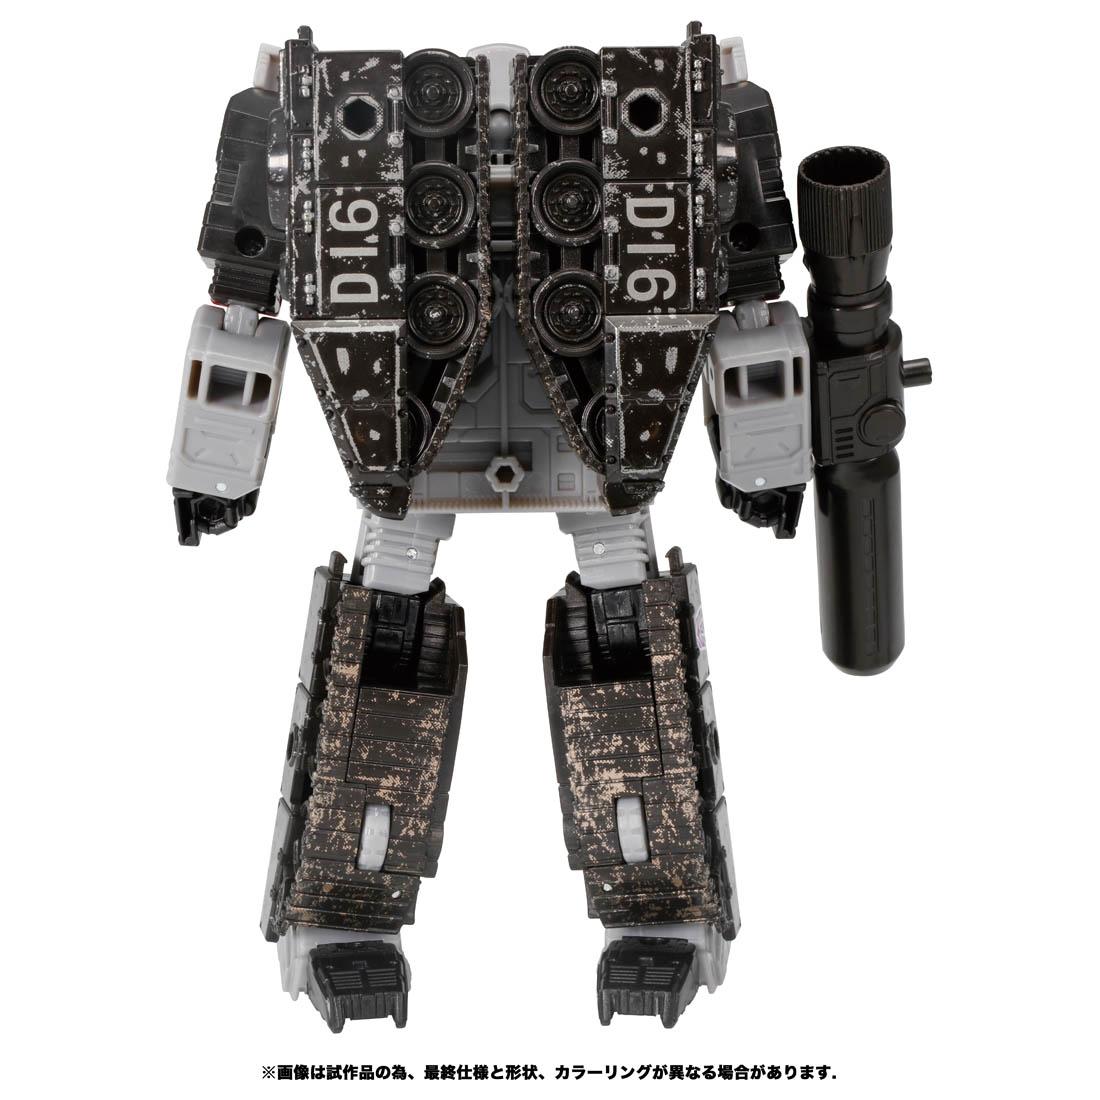 トランスフォーマー アースライズ『ER-13 メガトロン』可変可動フィギュア-005